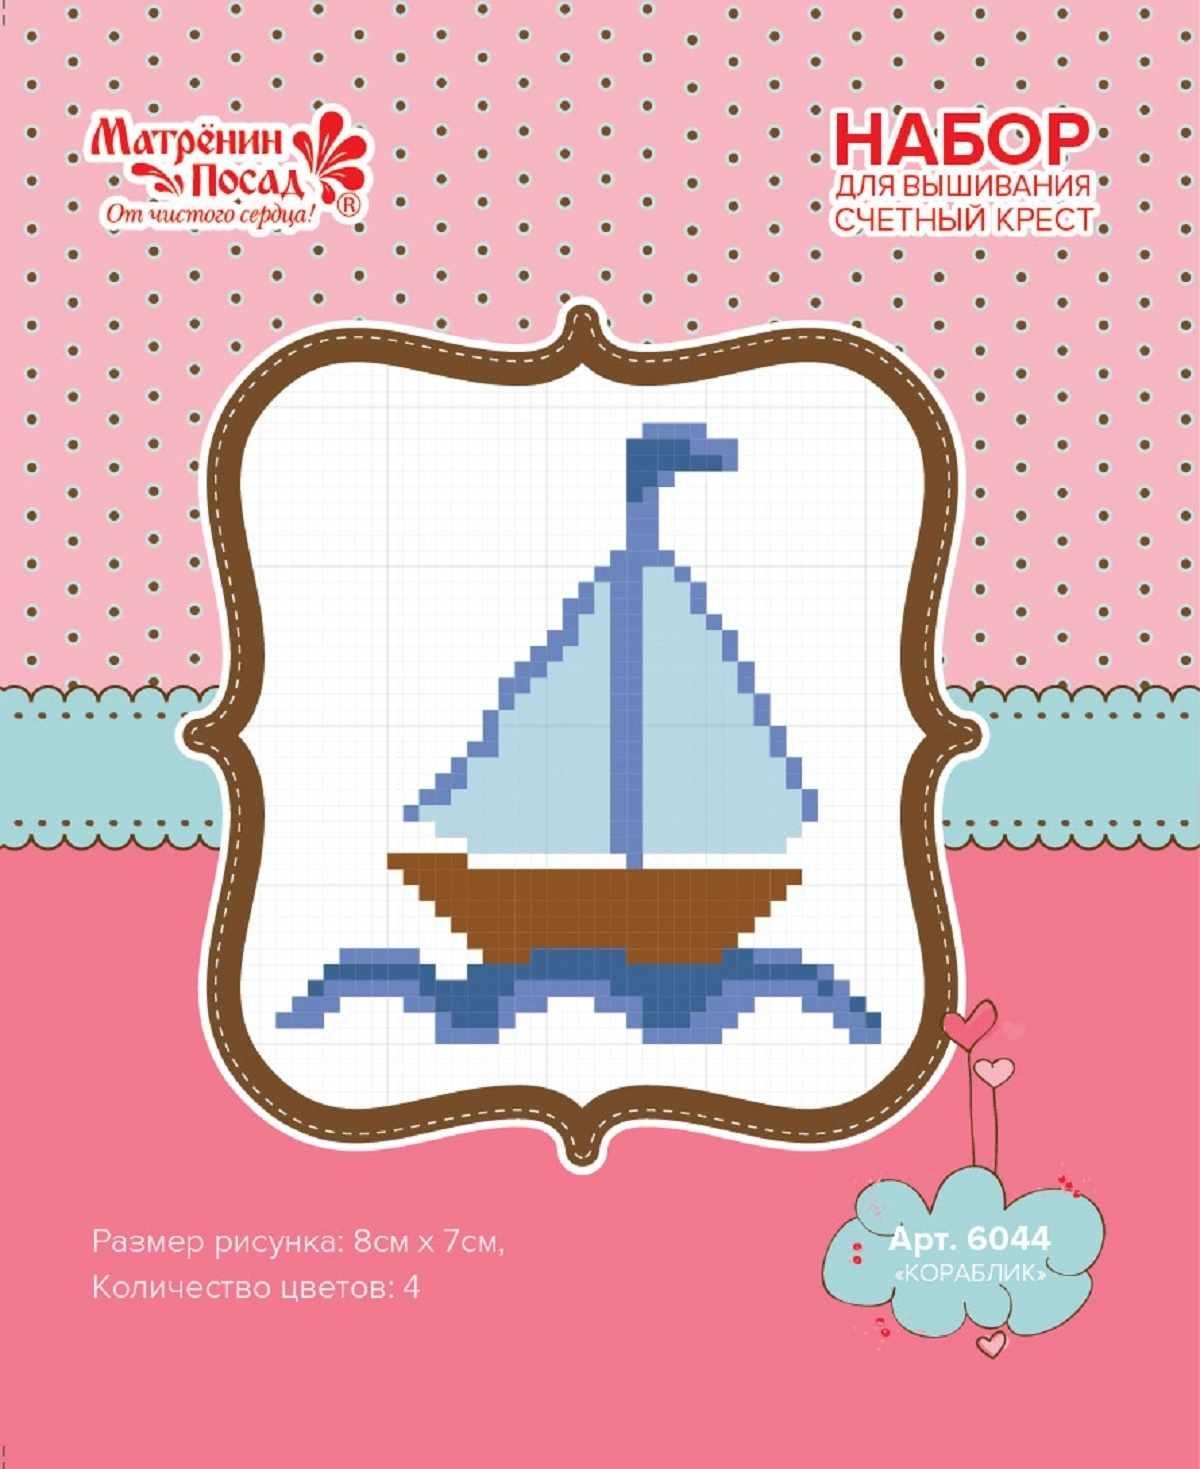 6044  Кораблик - набор для вышивания (МП)